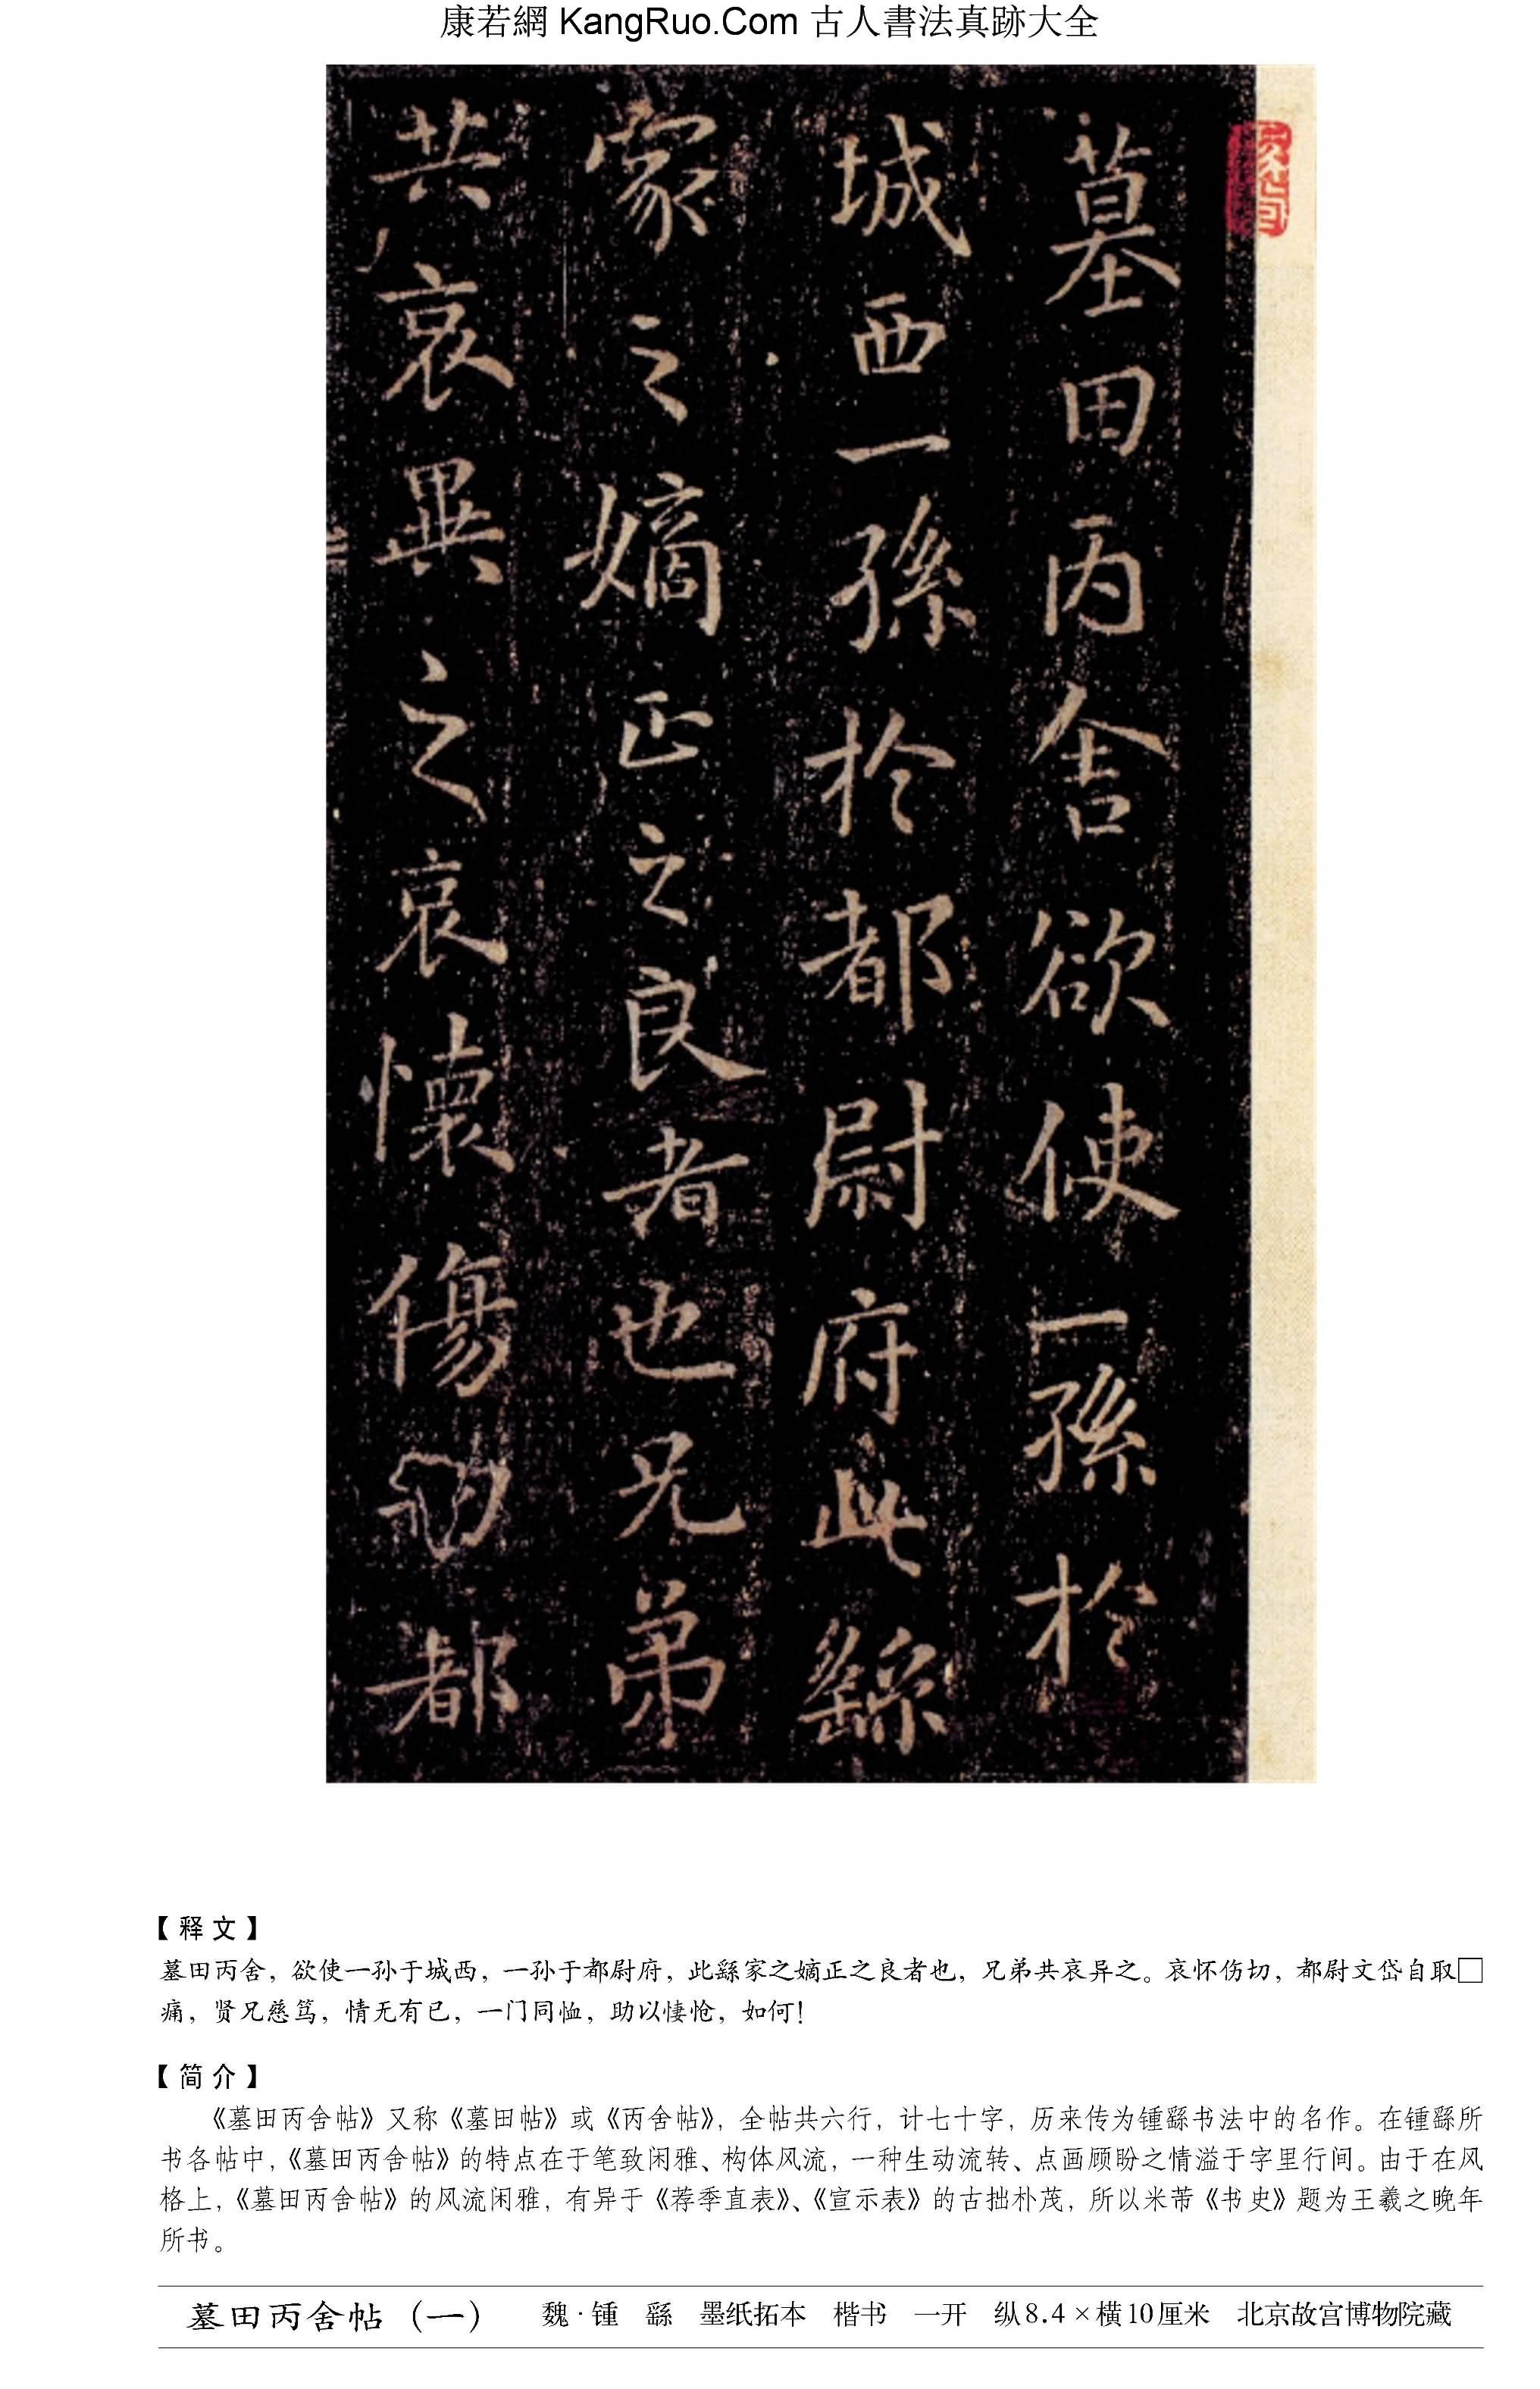 《墓田丙舍帖》書法真跡(楷書)【魏-鐘繇】_00069